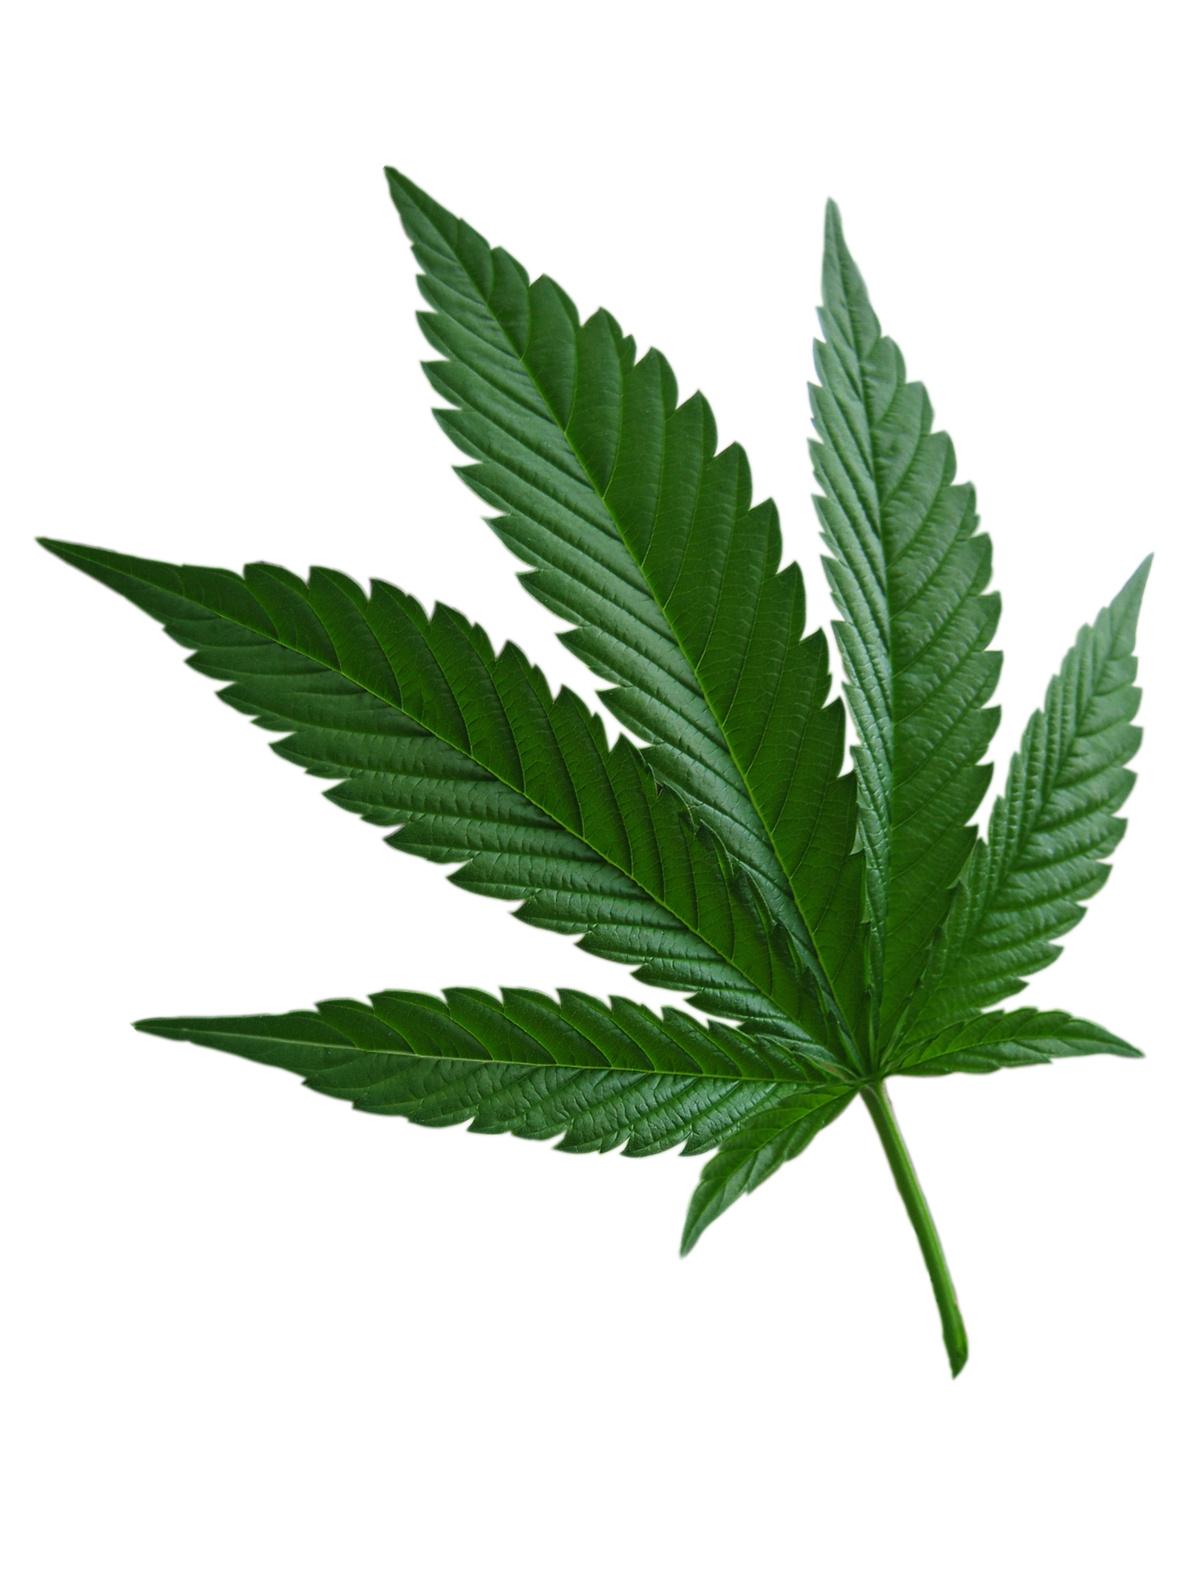 comment agit le cannabis sur la m u00e9moire de travail